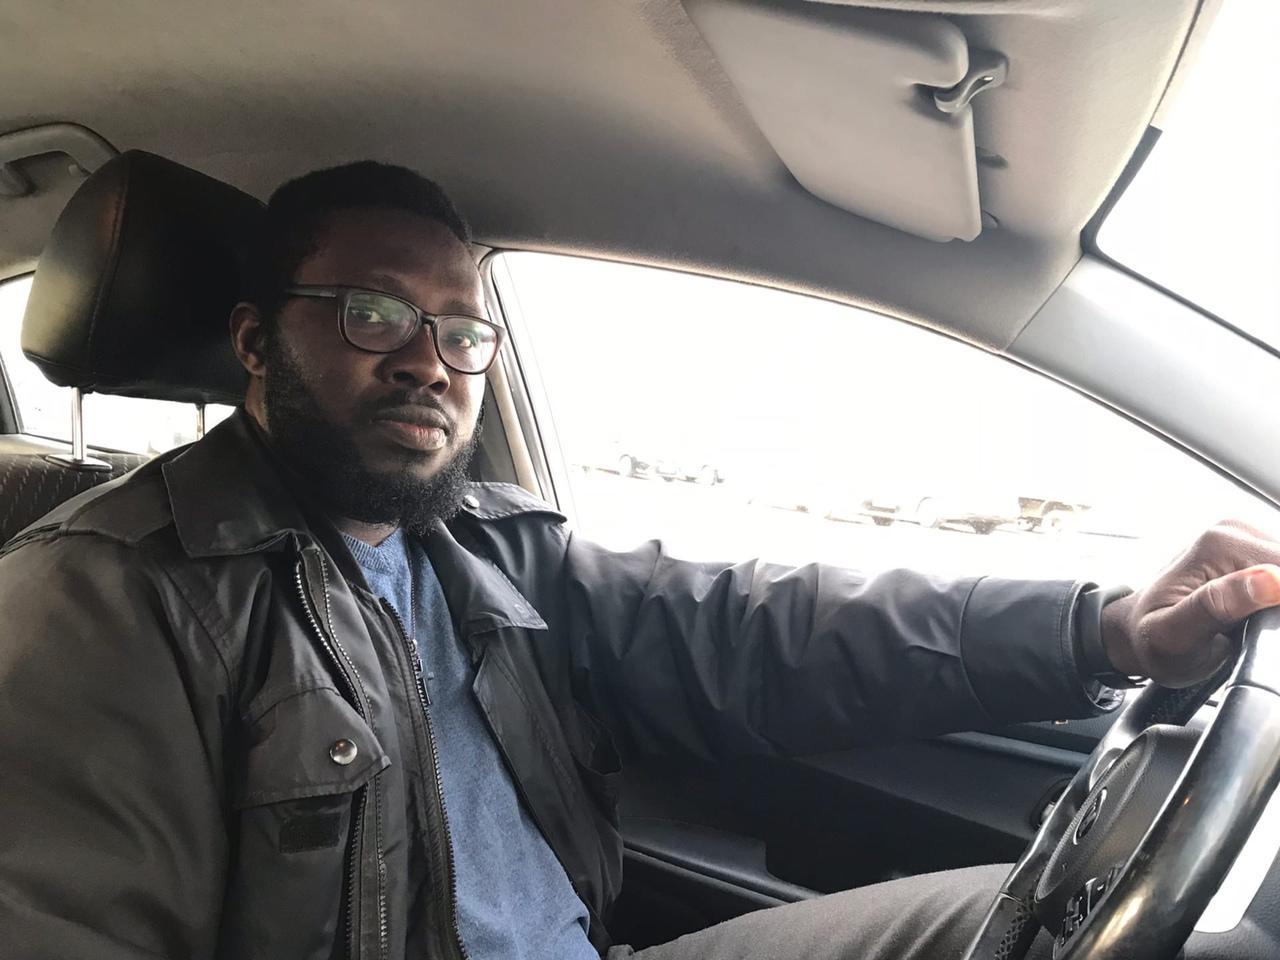 Работа личный водитель для девушки новосибирска vip работа девушкам